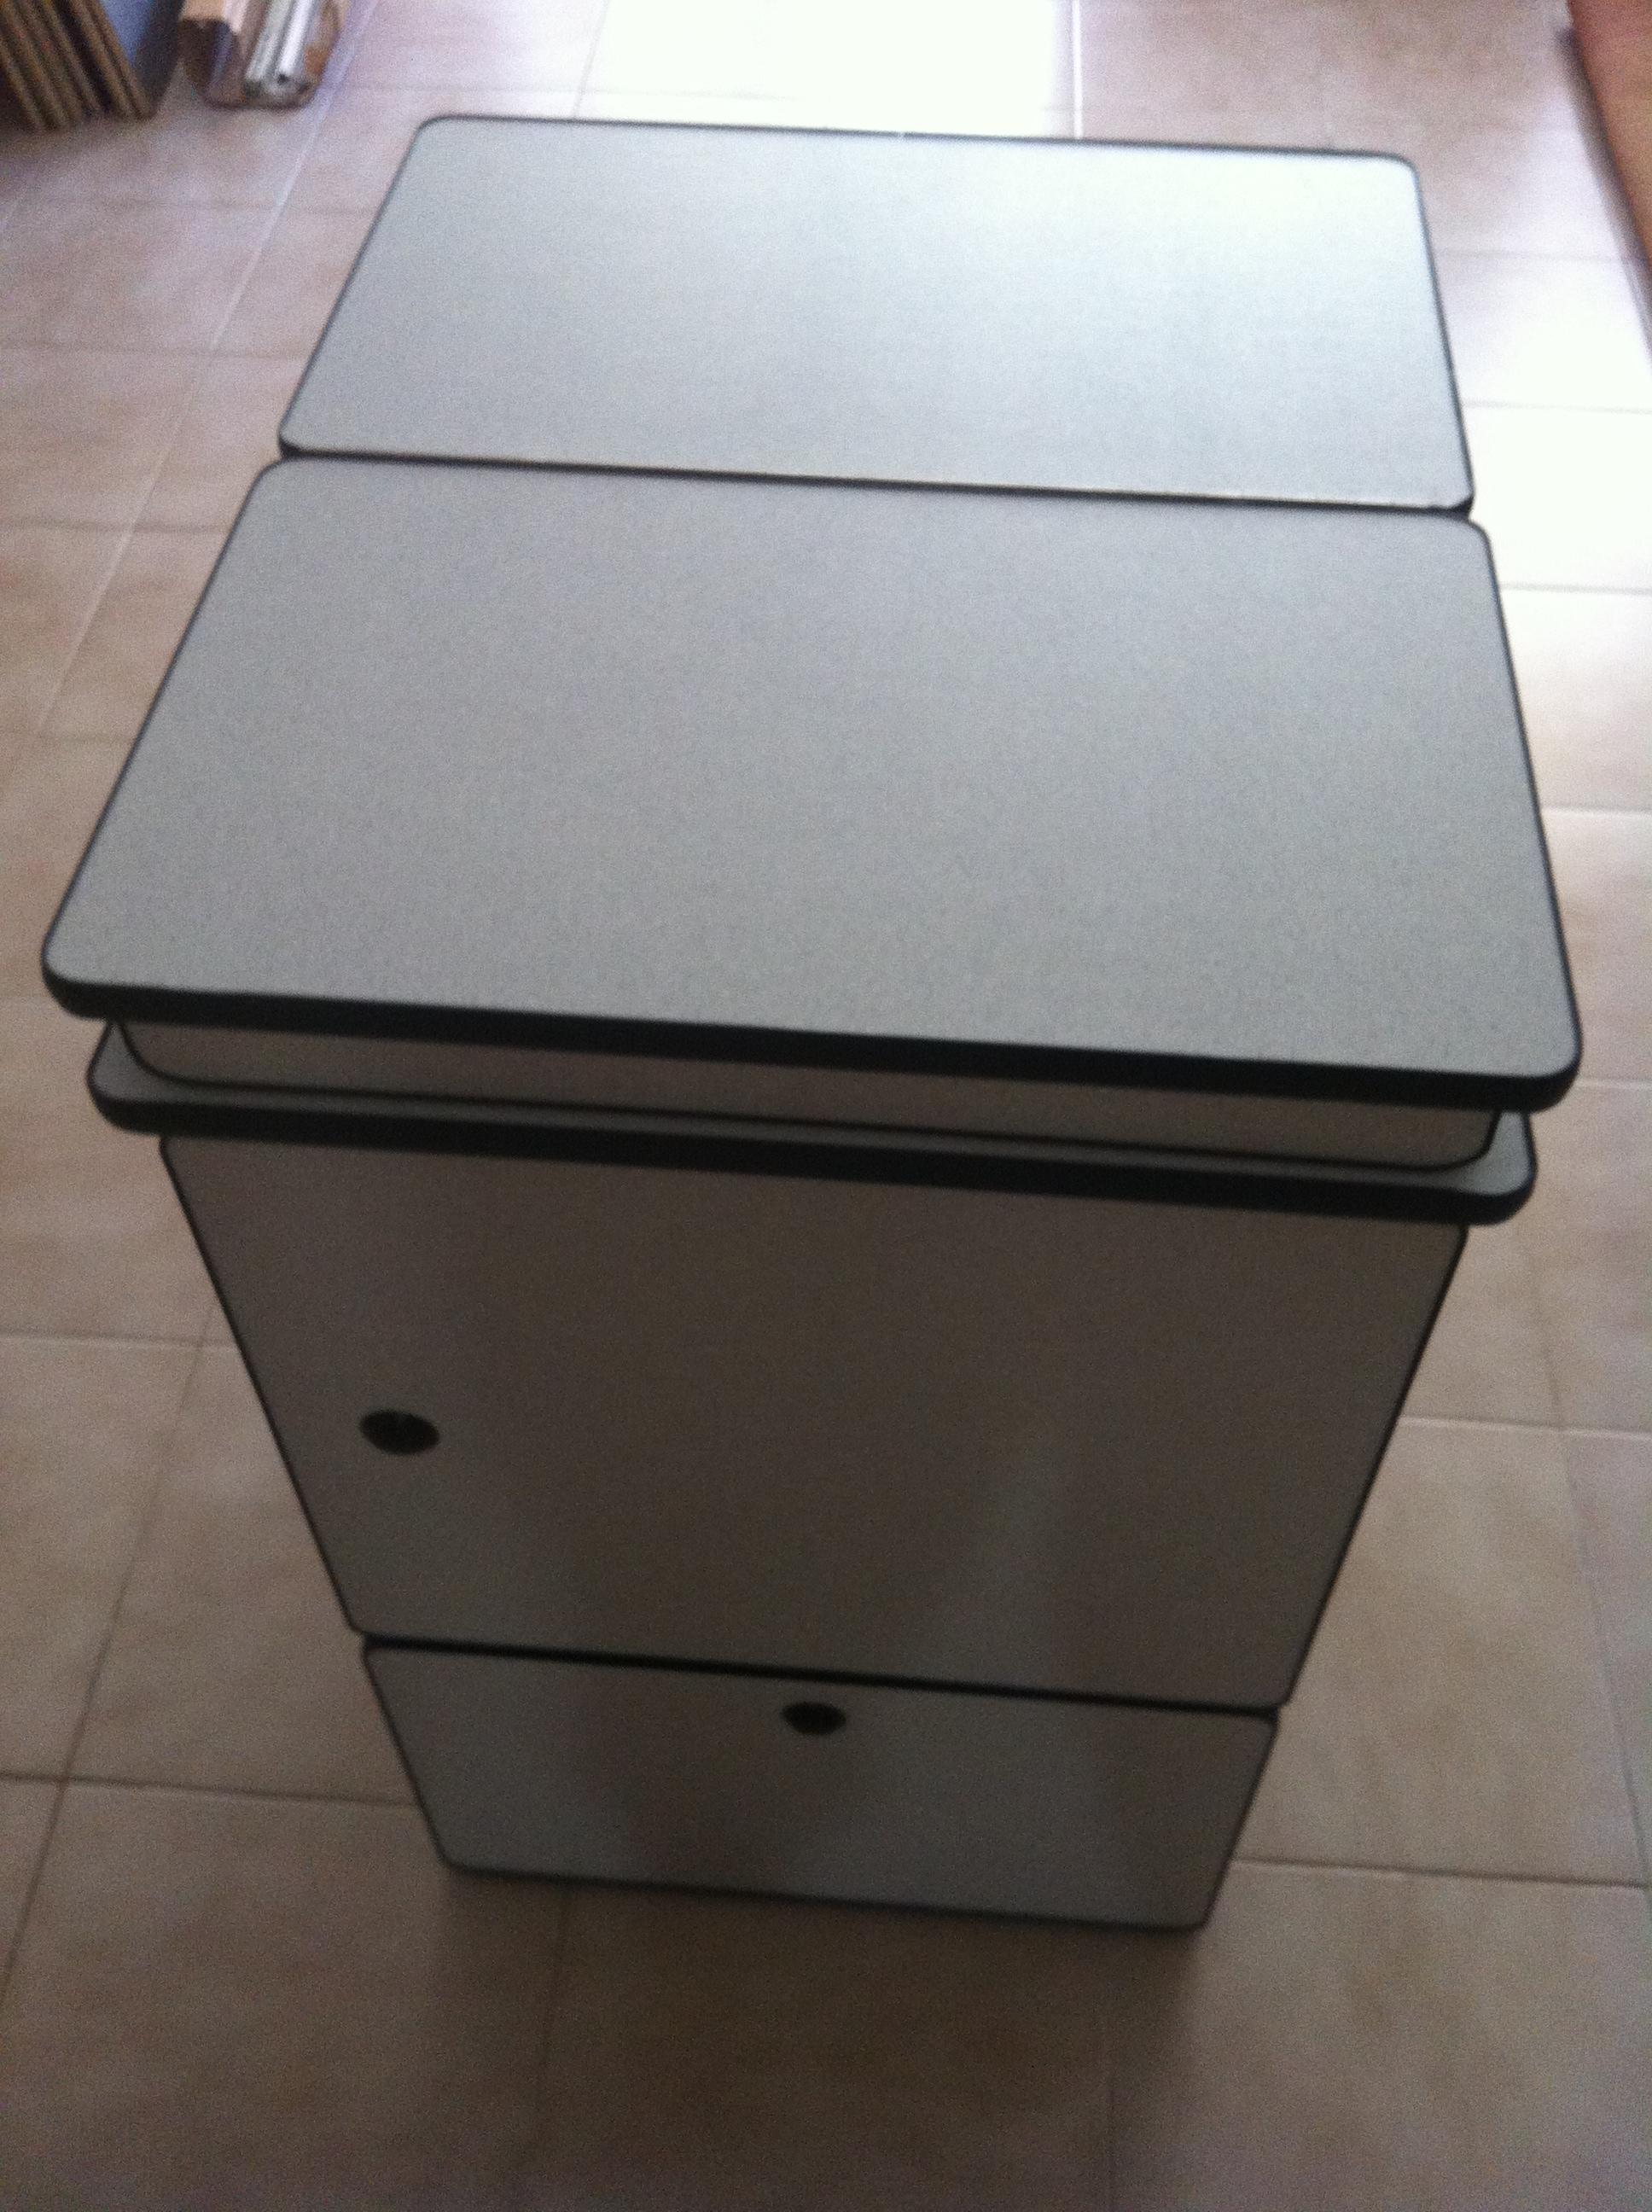 Modulo de cocina para vw t4 multivan lado conductor t4 - Precio modulos cocina ...